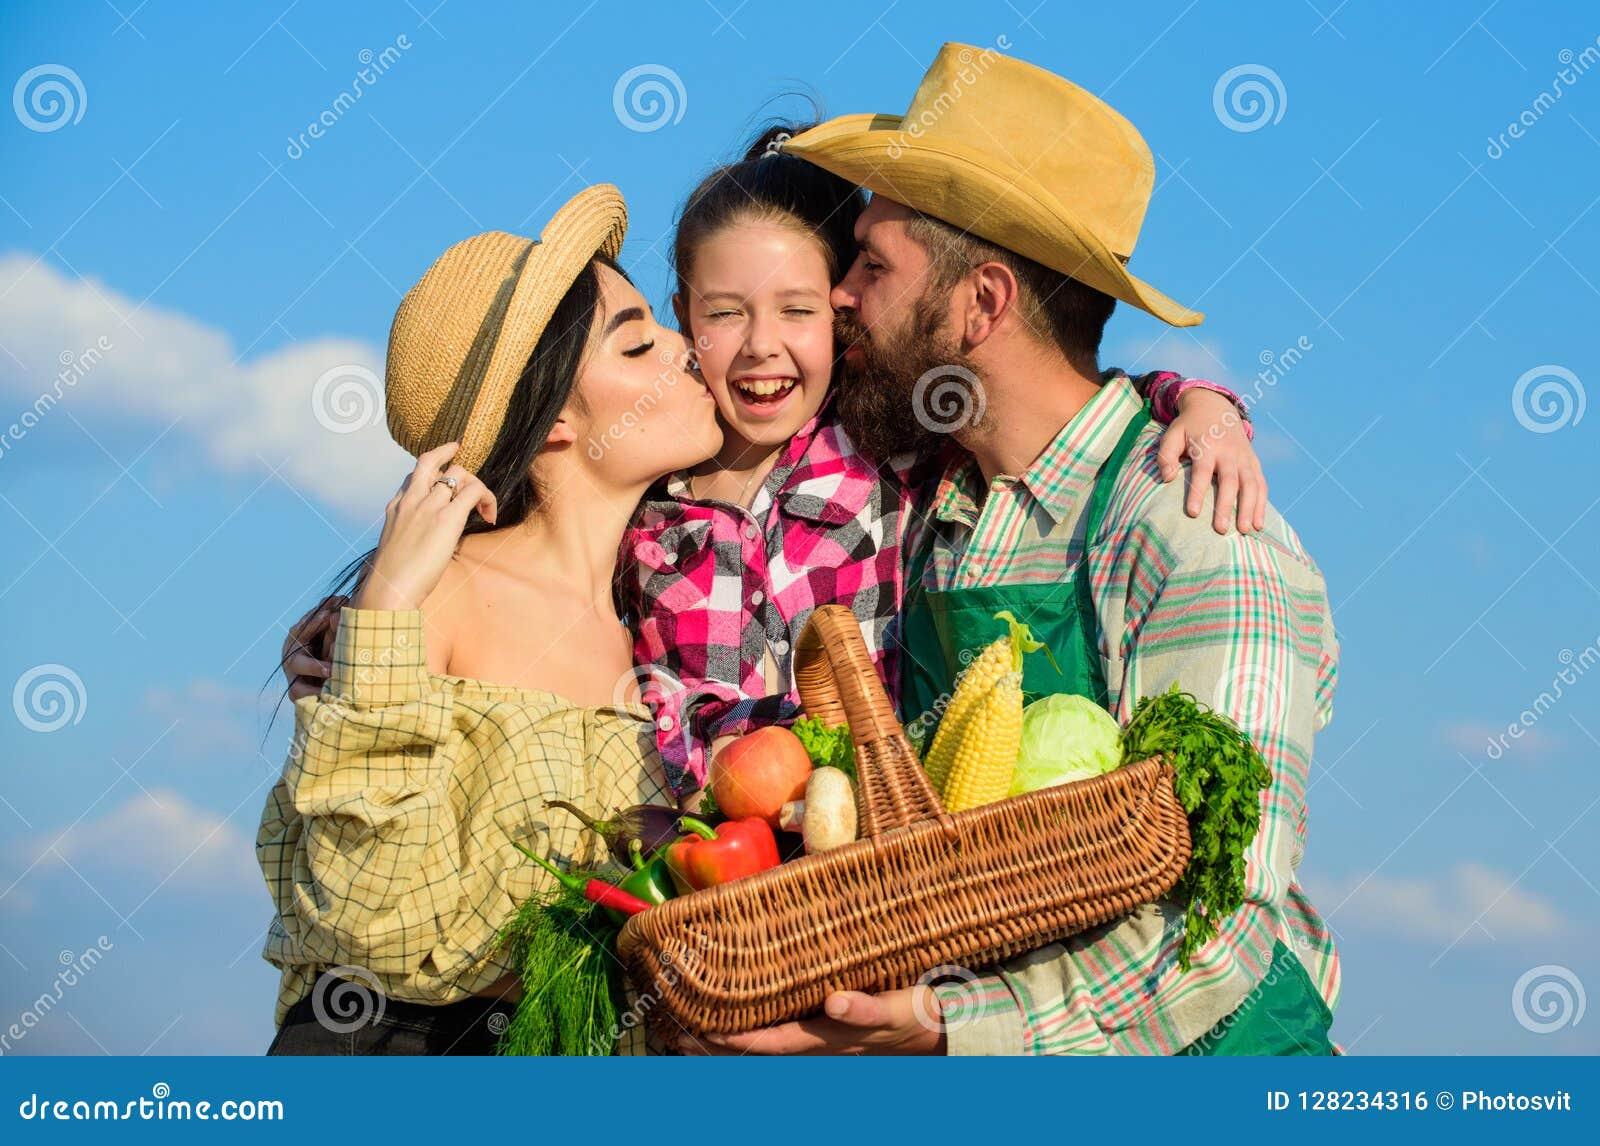 Hintergrund des blauen Himmels der Familiengärtnerkorbernte Familiengartenarbeit Familienbauernhofkonzept Eltern und Tochterlandw